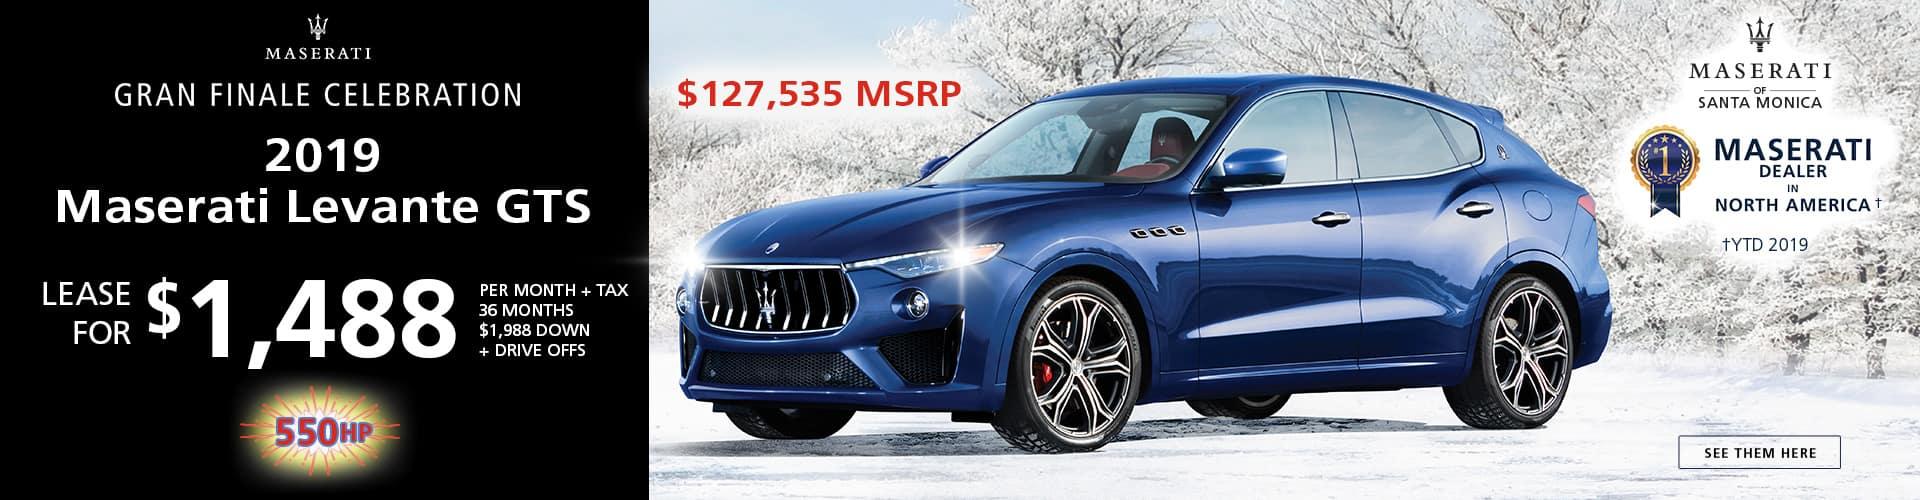 2019 Maserati Levante GTS Special Offer